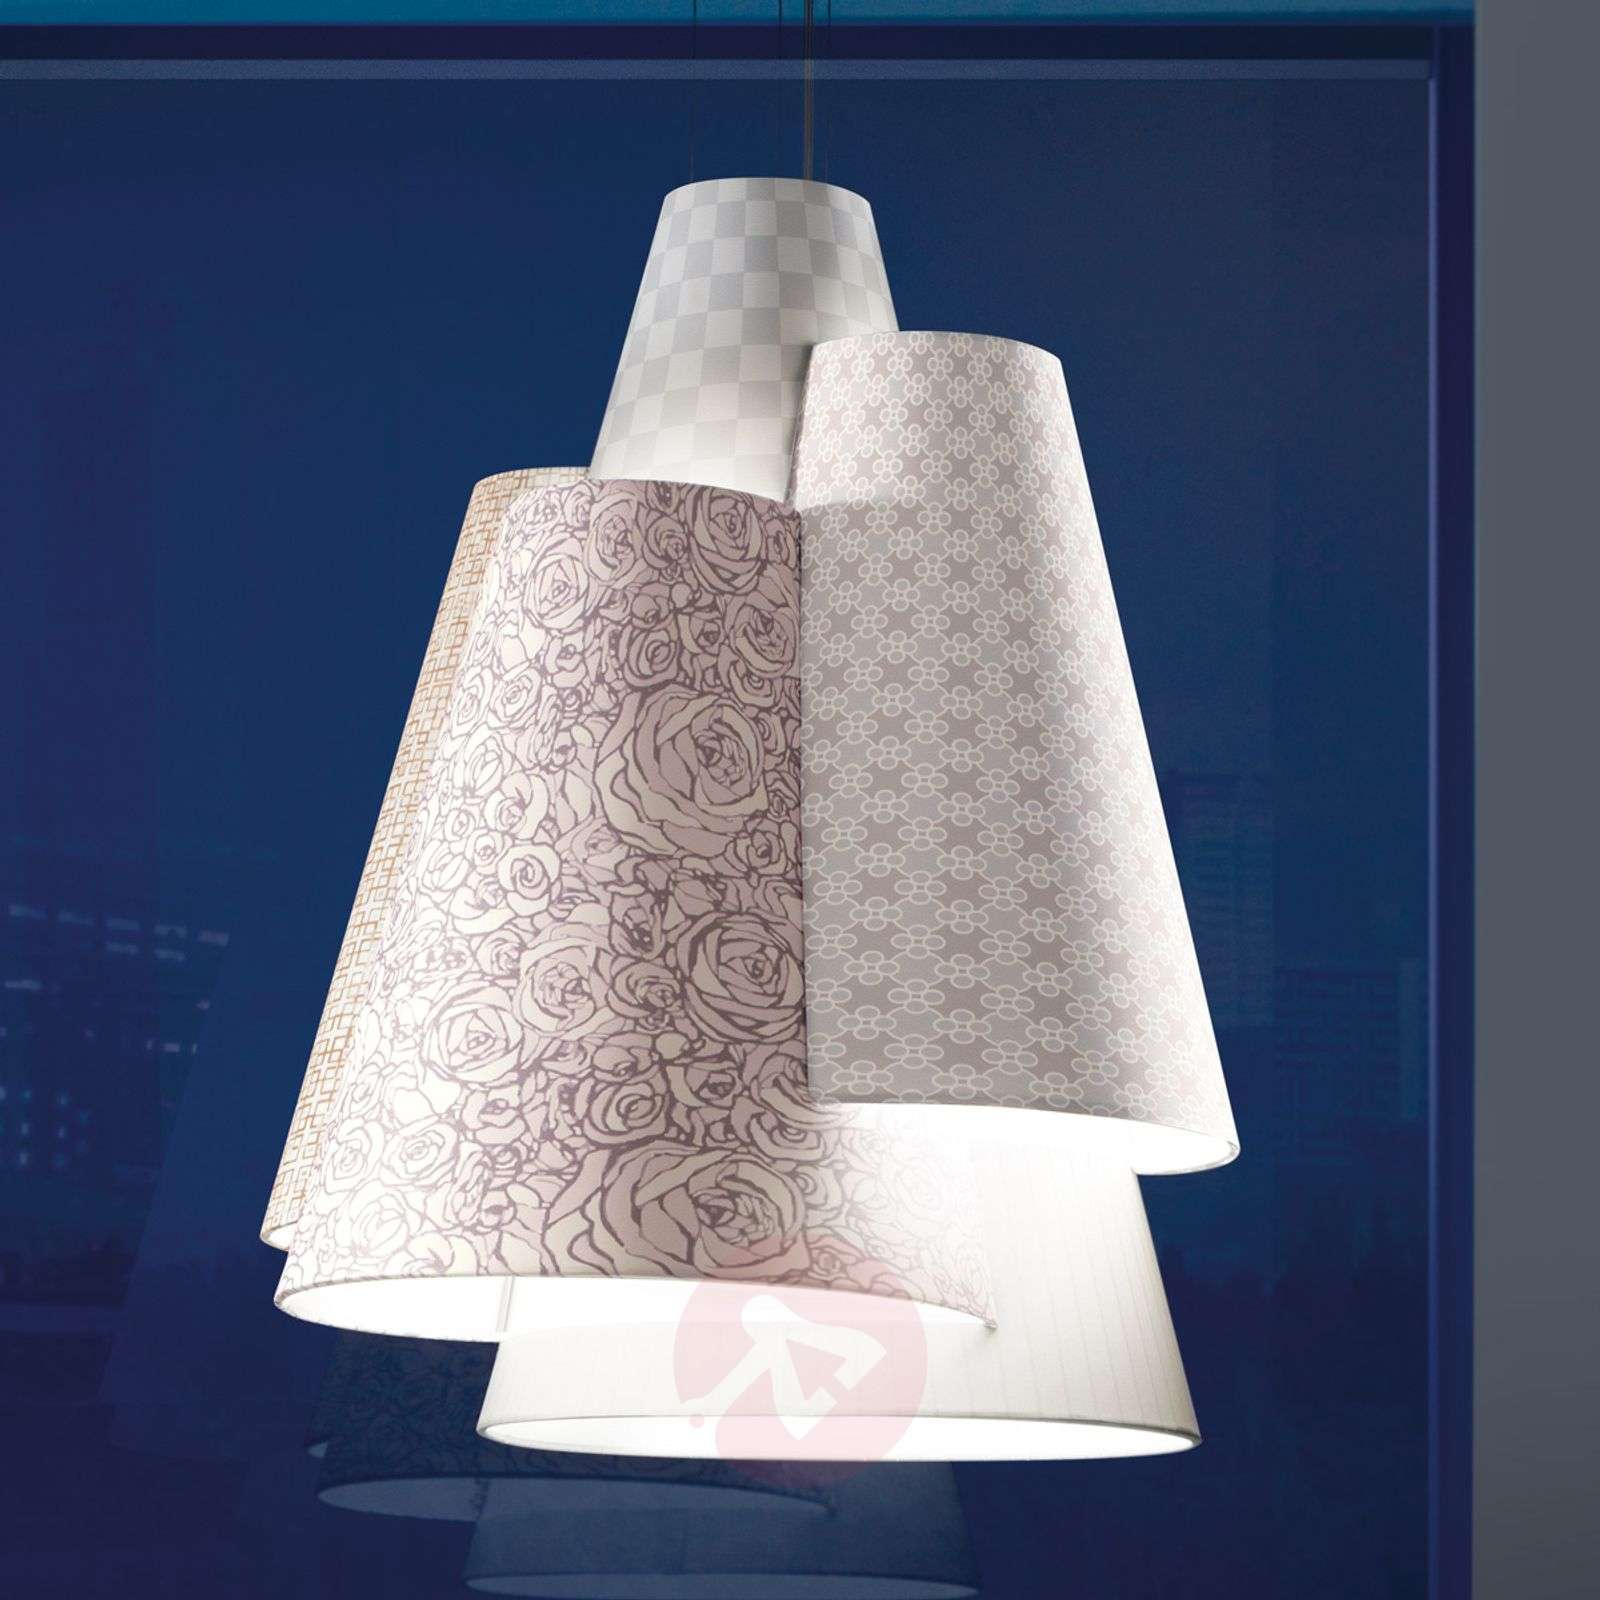 Axolight Melting Pot 60-riippuvalaisin valkoinen-1088074-01